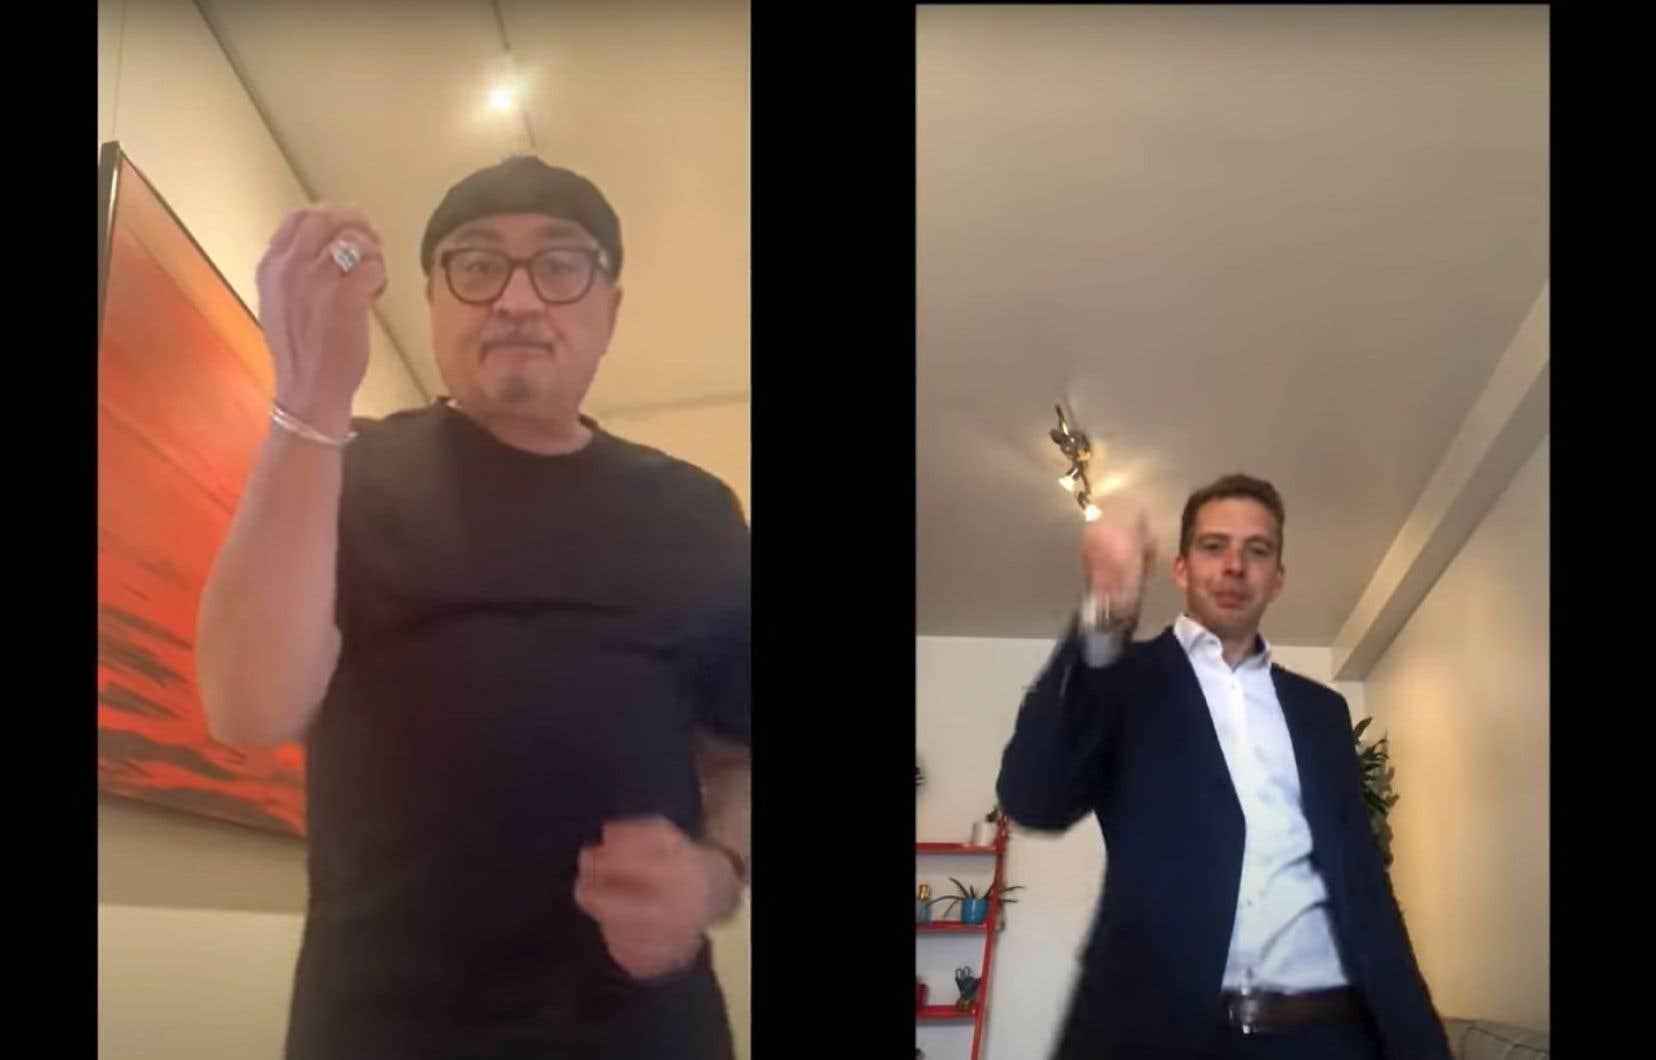 Le Dr Horacio Arruda a dansé avec Rod Le Stod pour le vidéoclip d'une chanson qui lui rend en partie hommage.